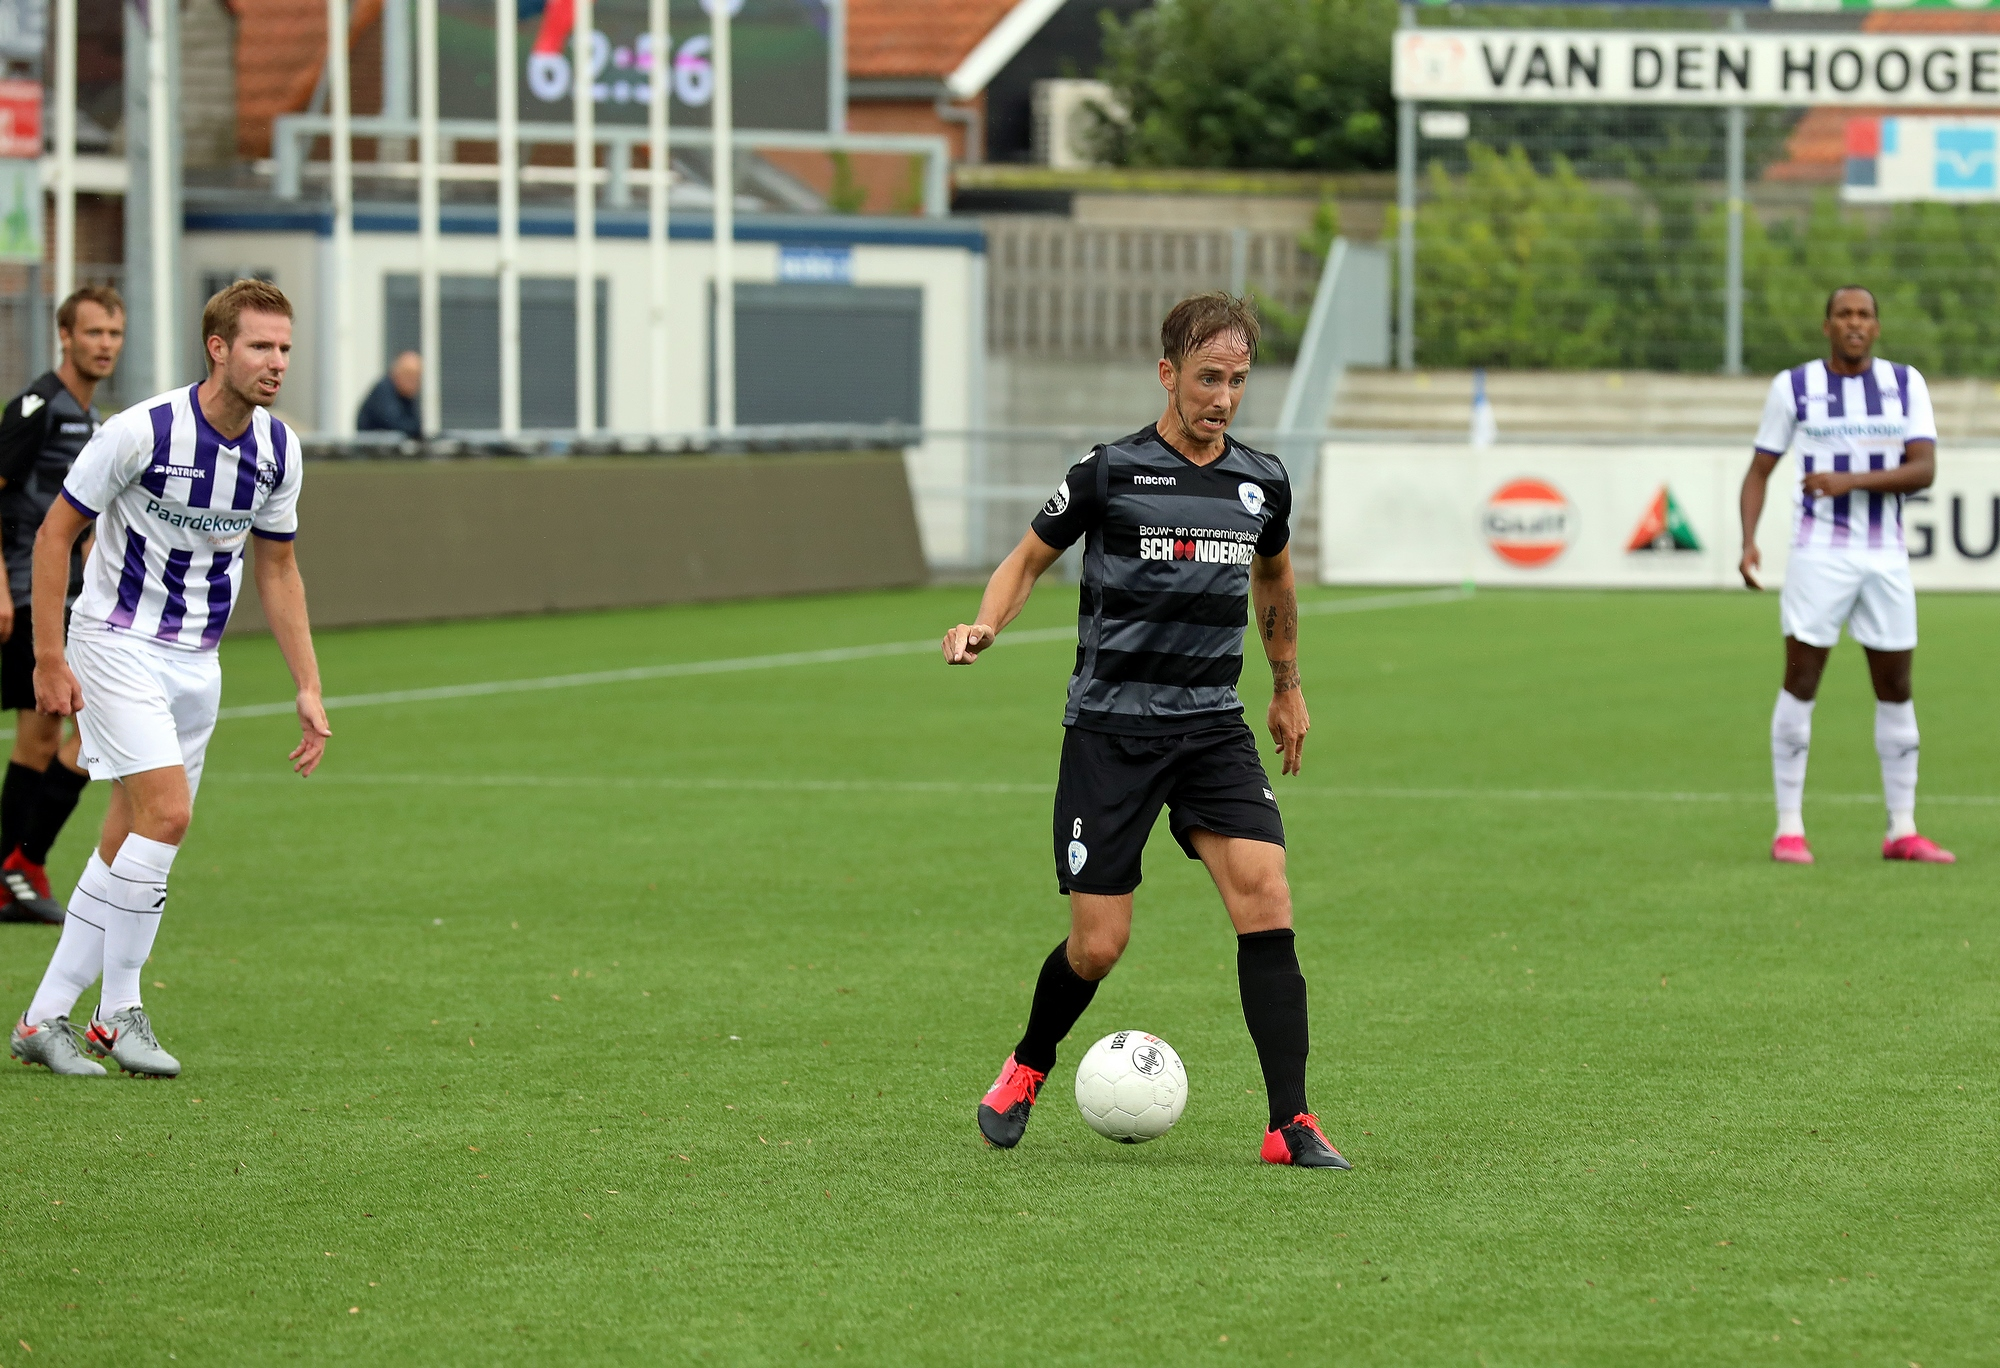 Interview met Floris van der Linden